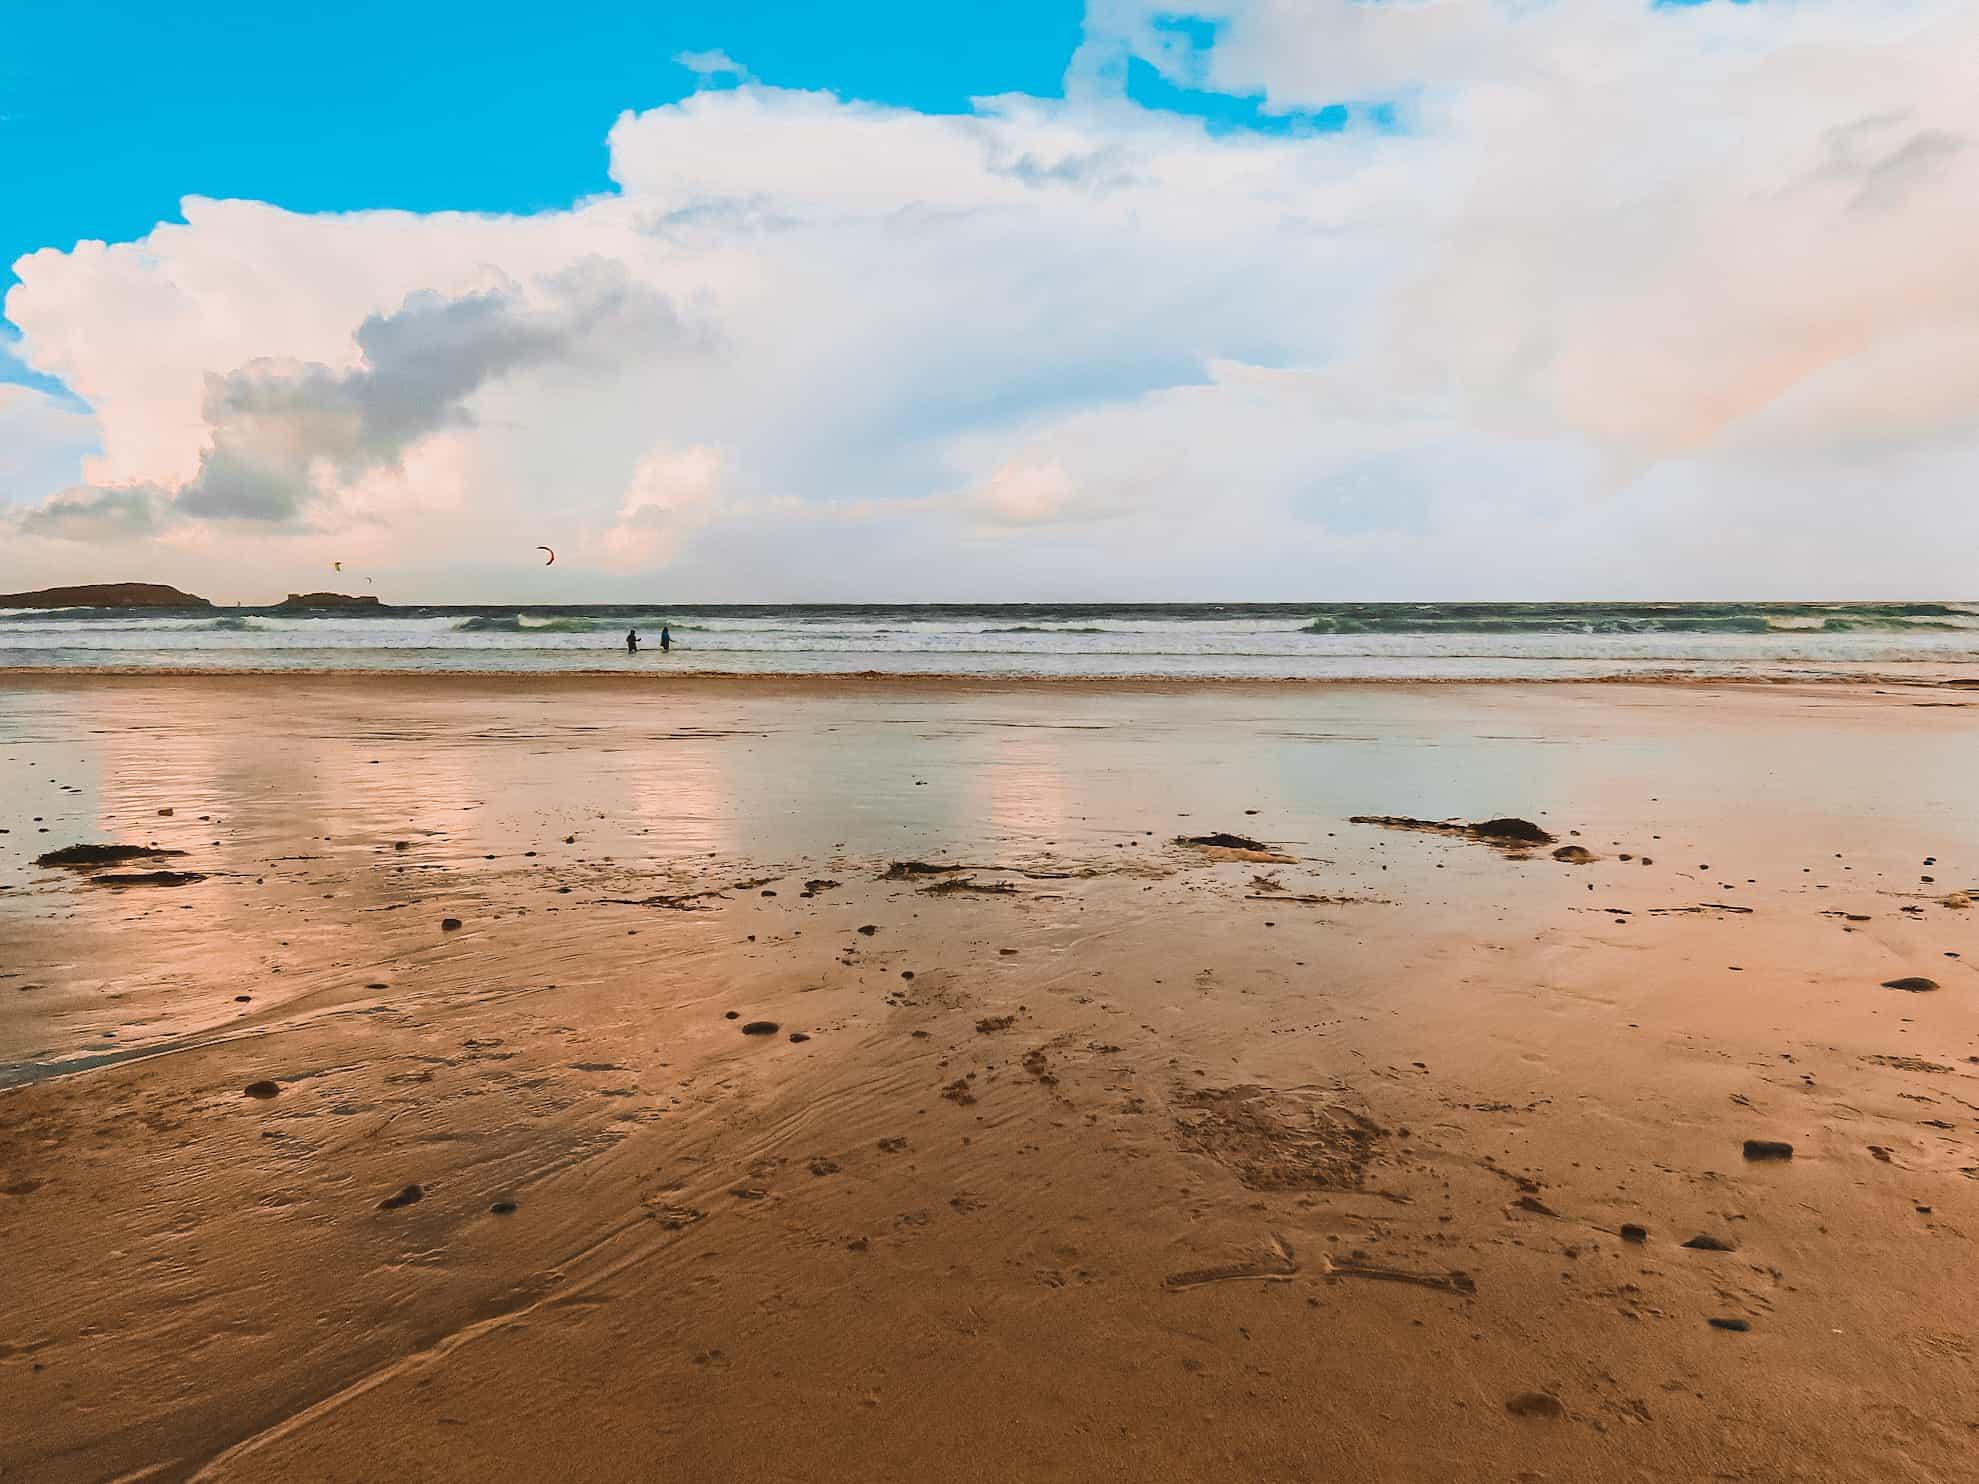 plage-des-blancs-sablons-le-conquet-finistere-nord-surf